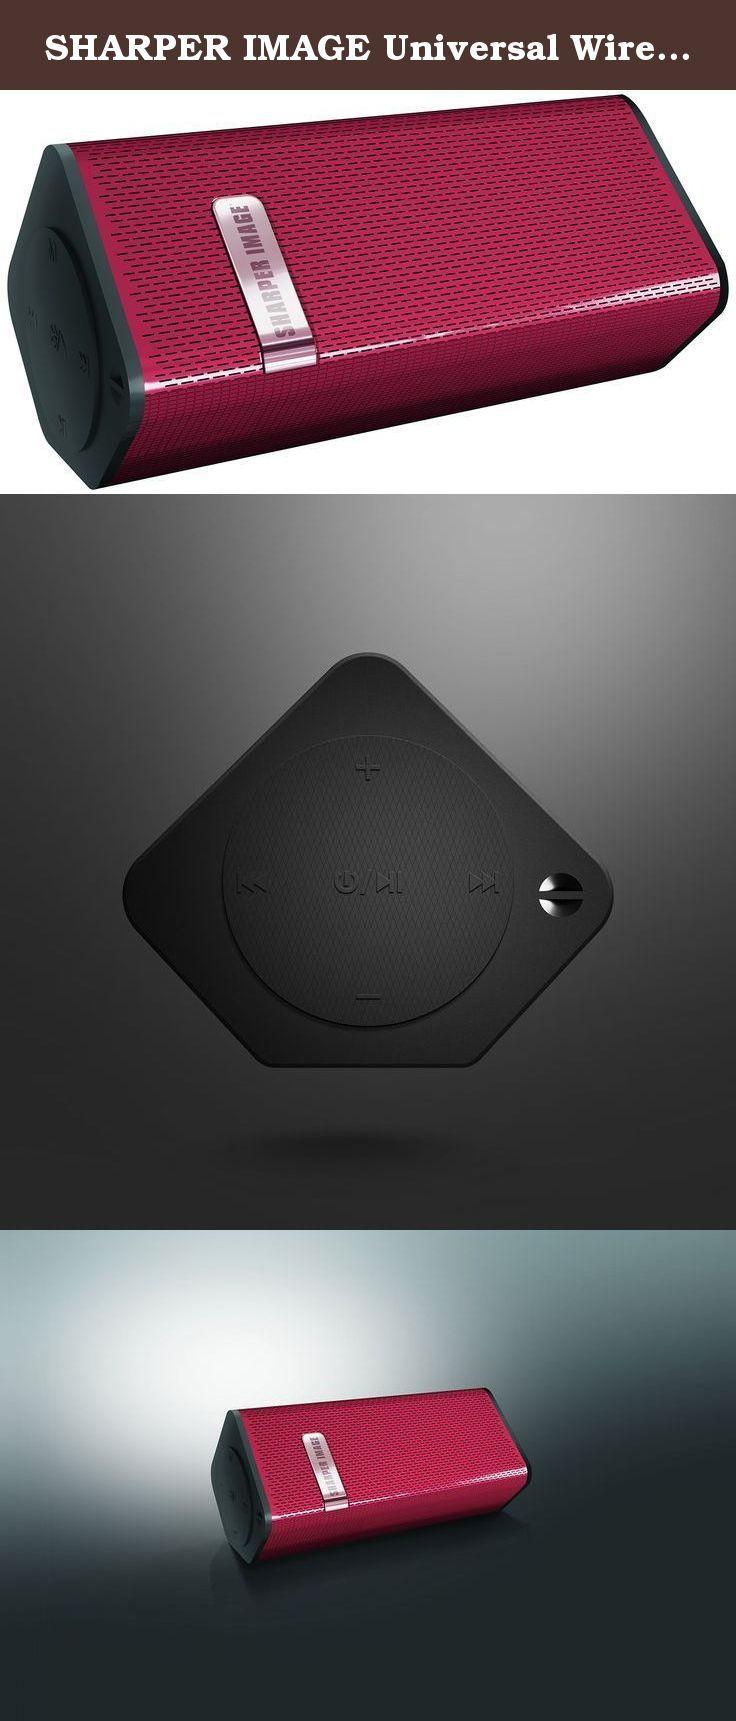 Sharper Image Universal Wireless Premium Bluetooth Speak Portable